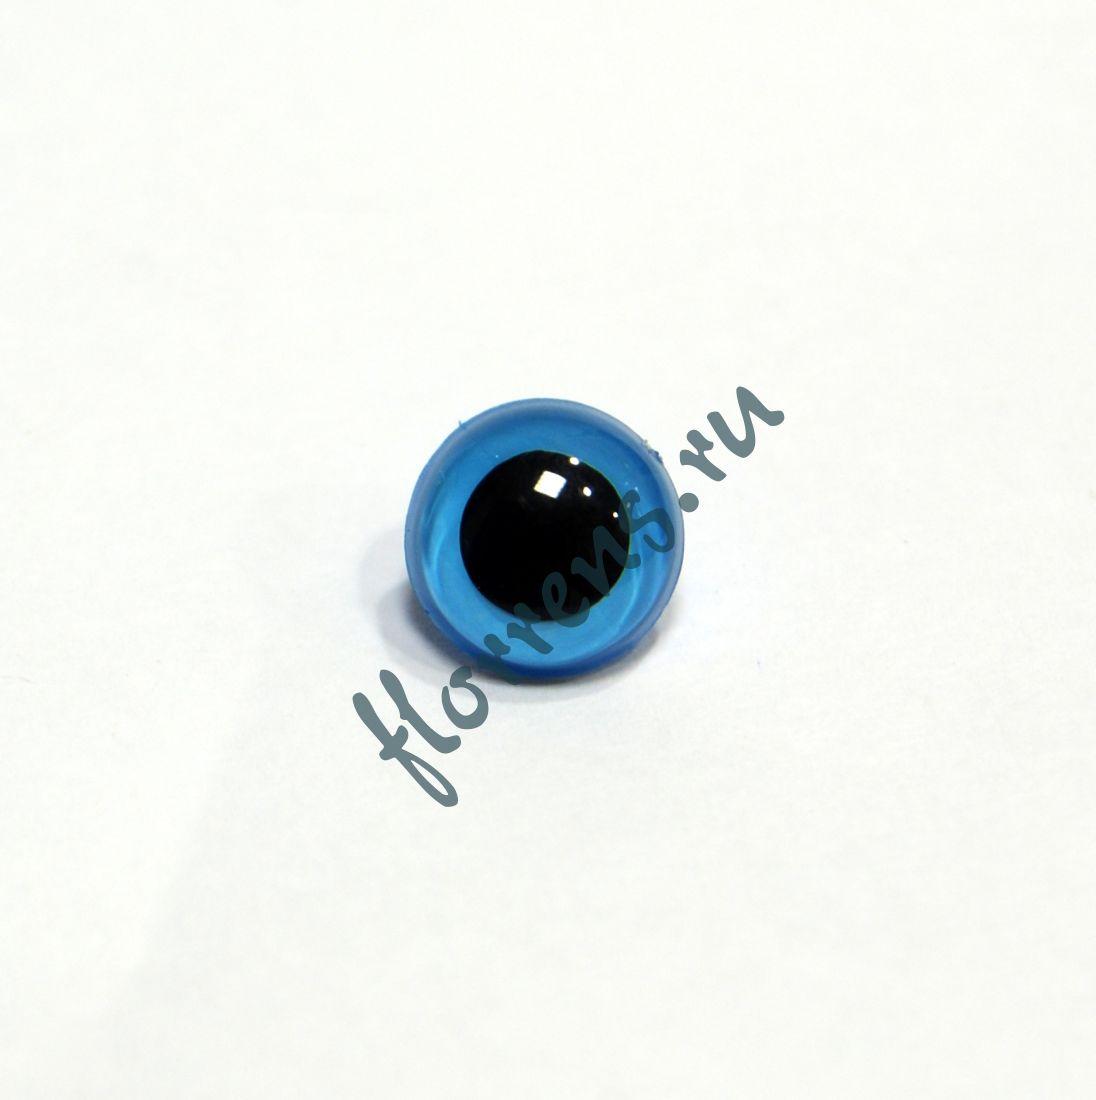 Глаза кристальные пришивные 10,5 мм / св. голубой